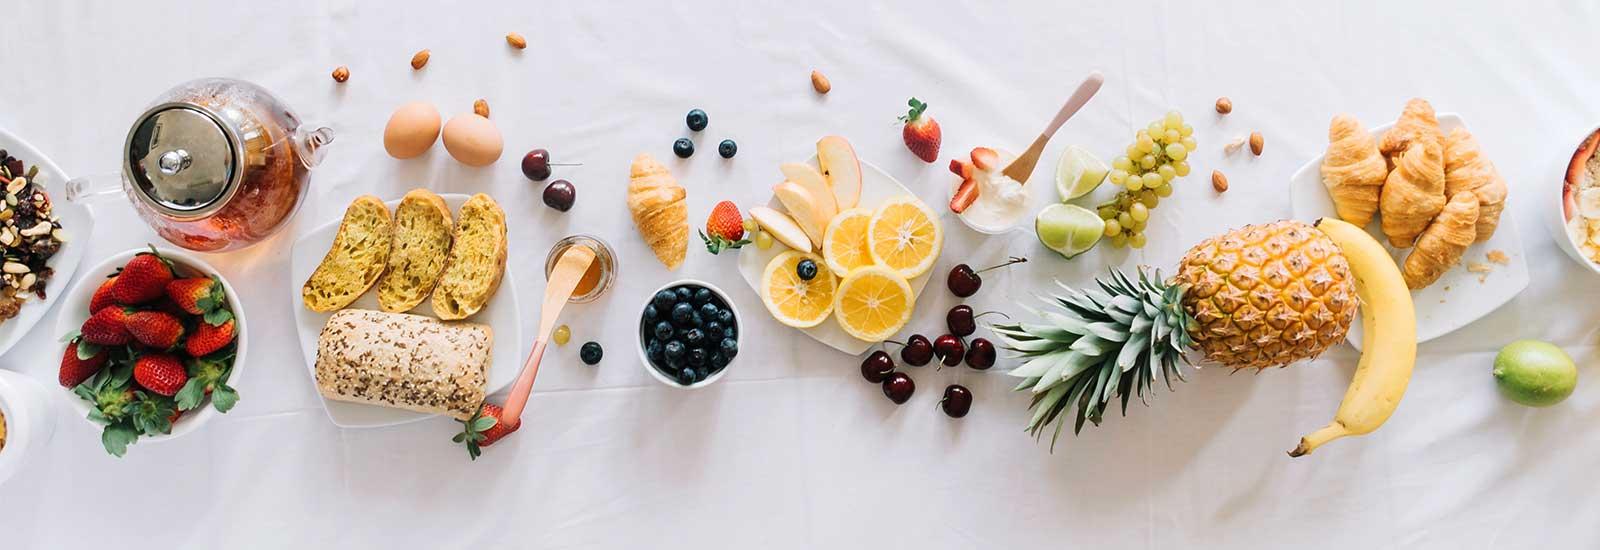 składniki pokarmowe warsztaty dietetyczne kreator zdrowia